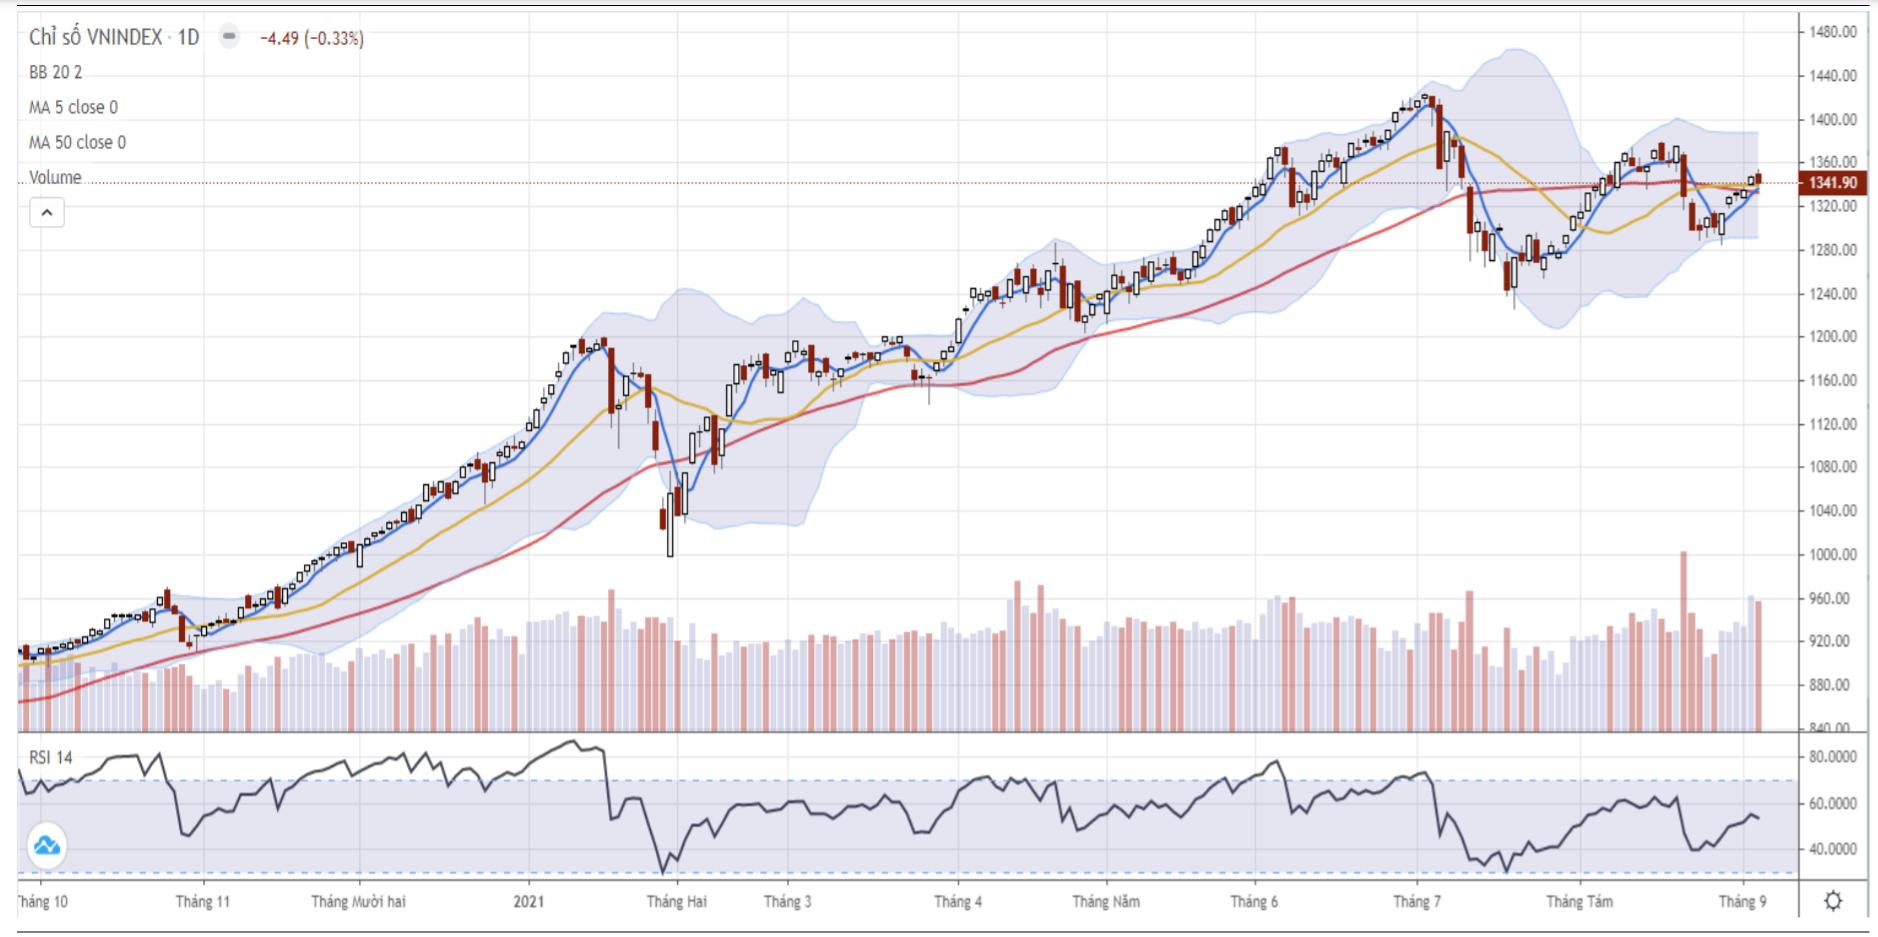 Nhận định thị trường chứng khoán ngày 8/9: Áp lực rung lắc tiếp tục xuất hiện - Ảnh 1.